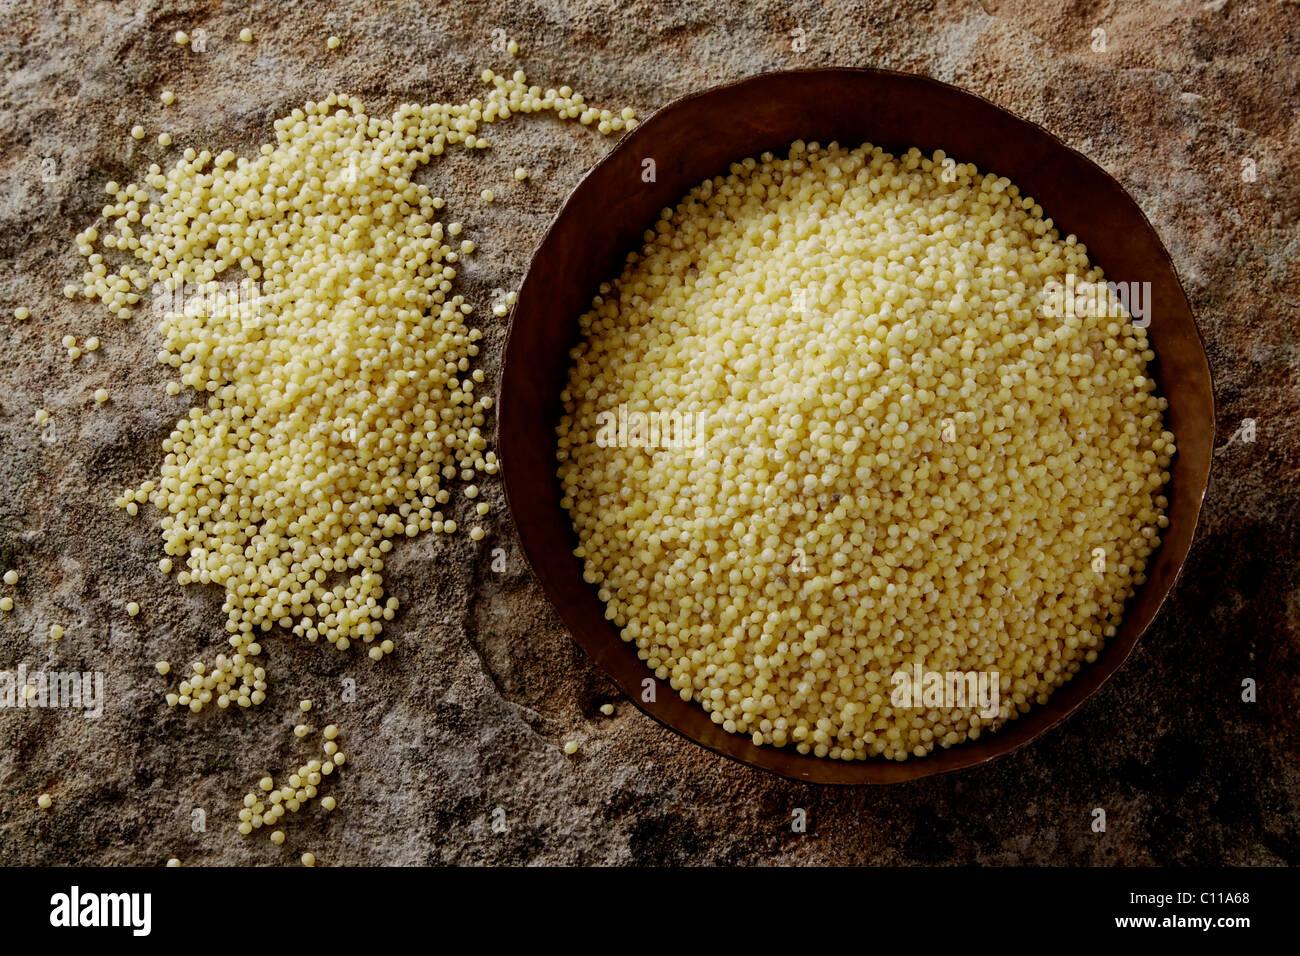 Millet (Panicum miliaceum) dans un bol de cuivre sur une surface en pierre Photo Stock